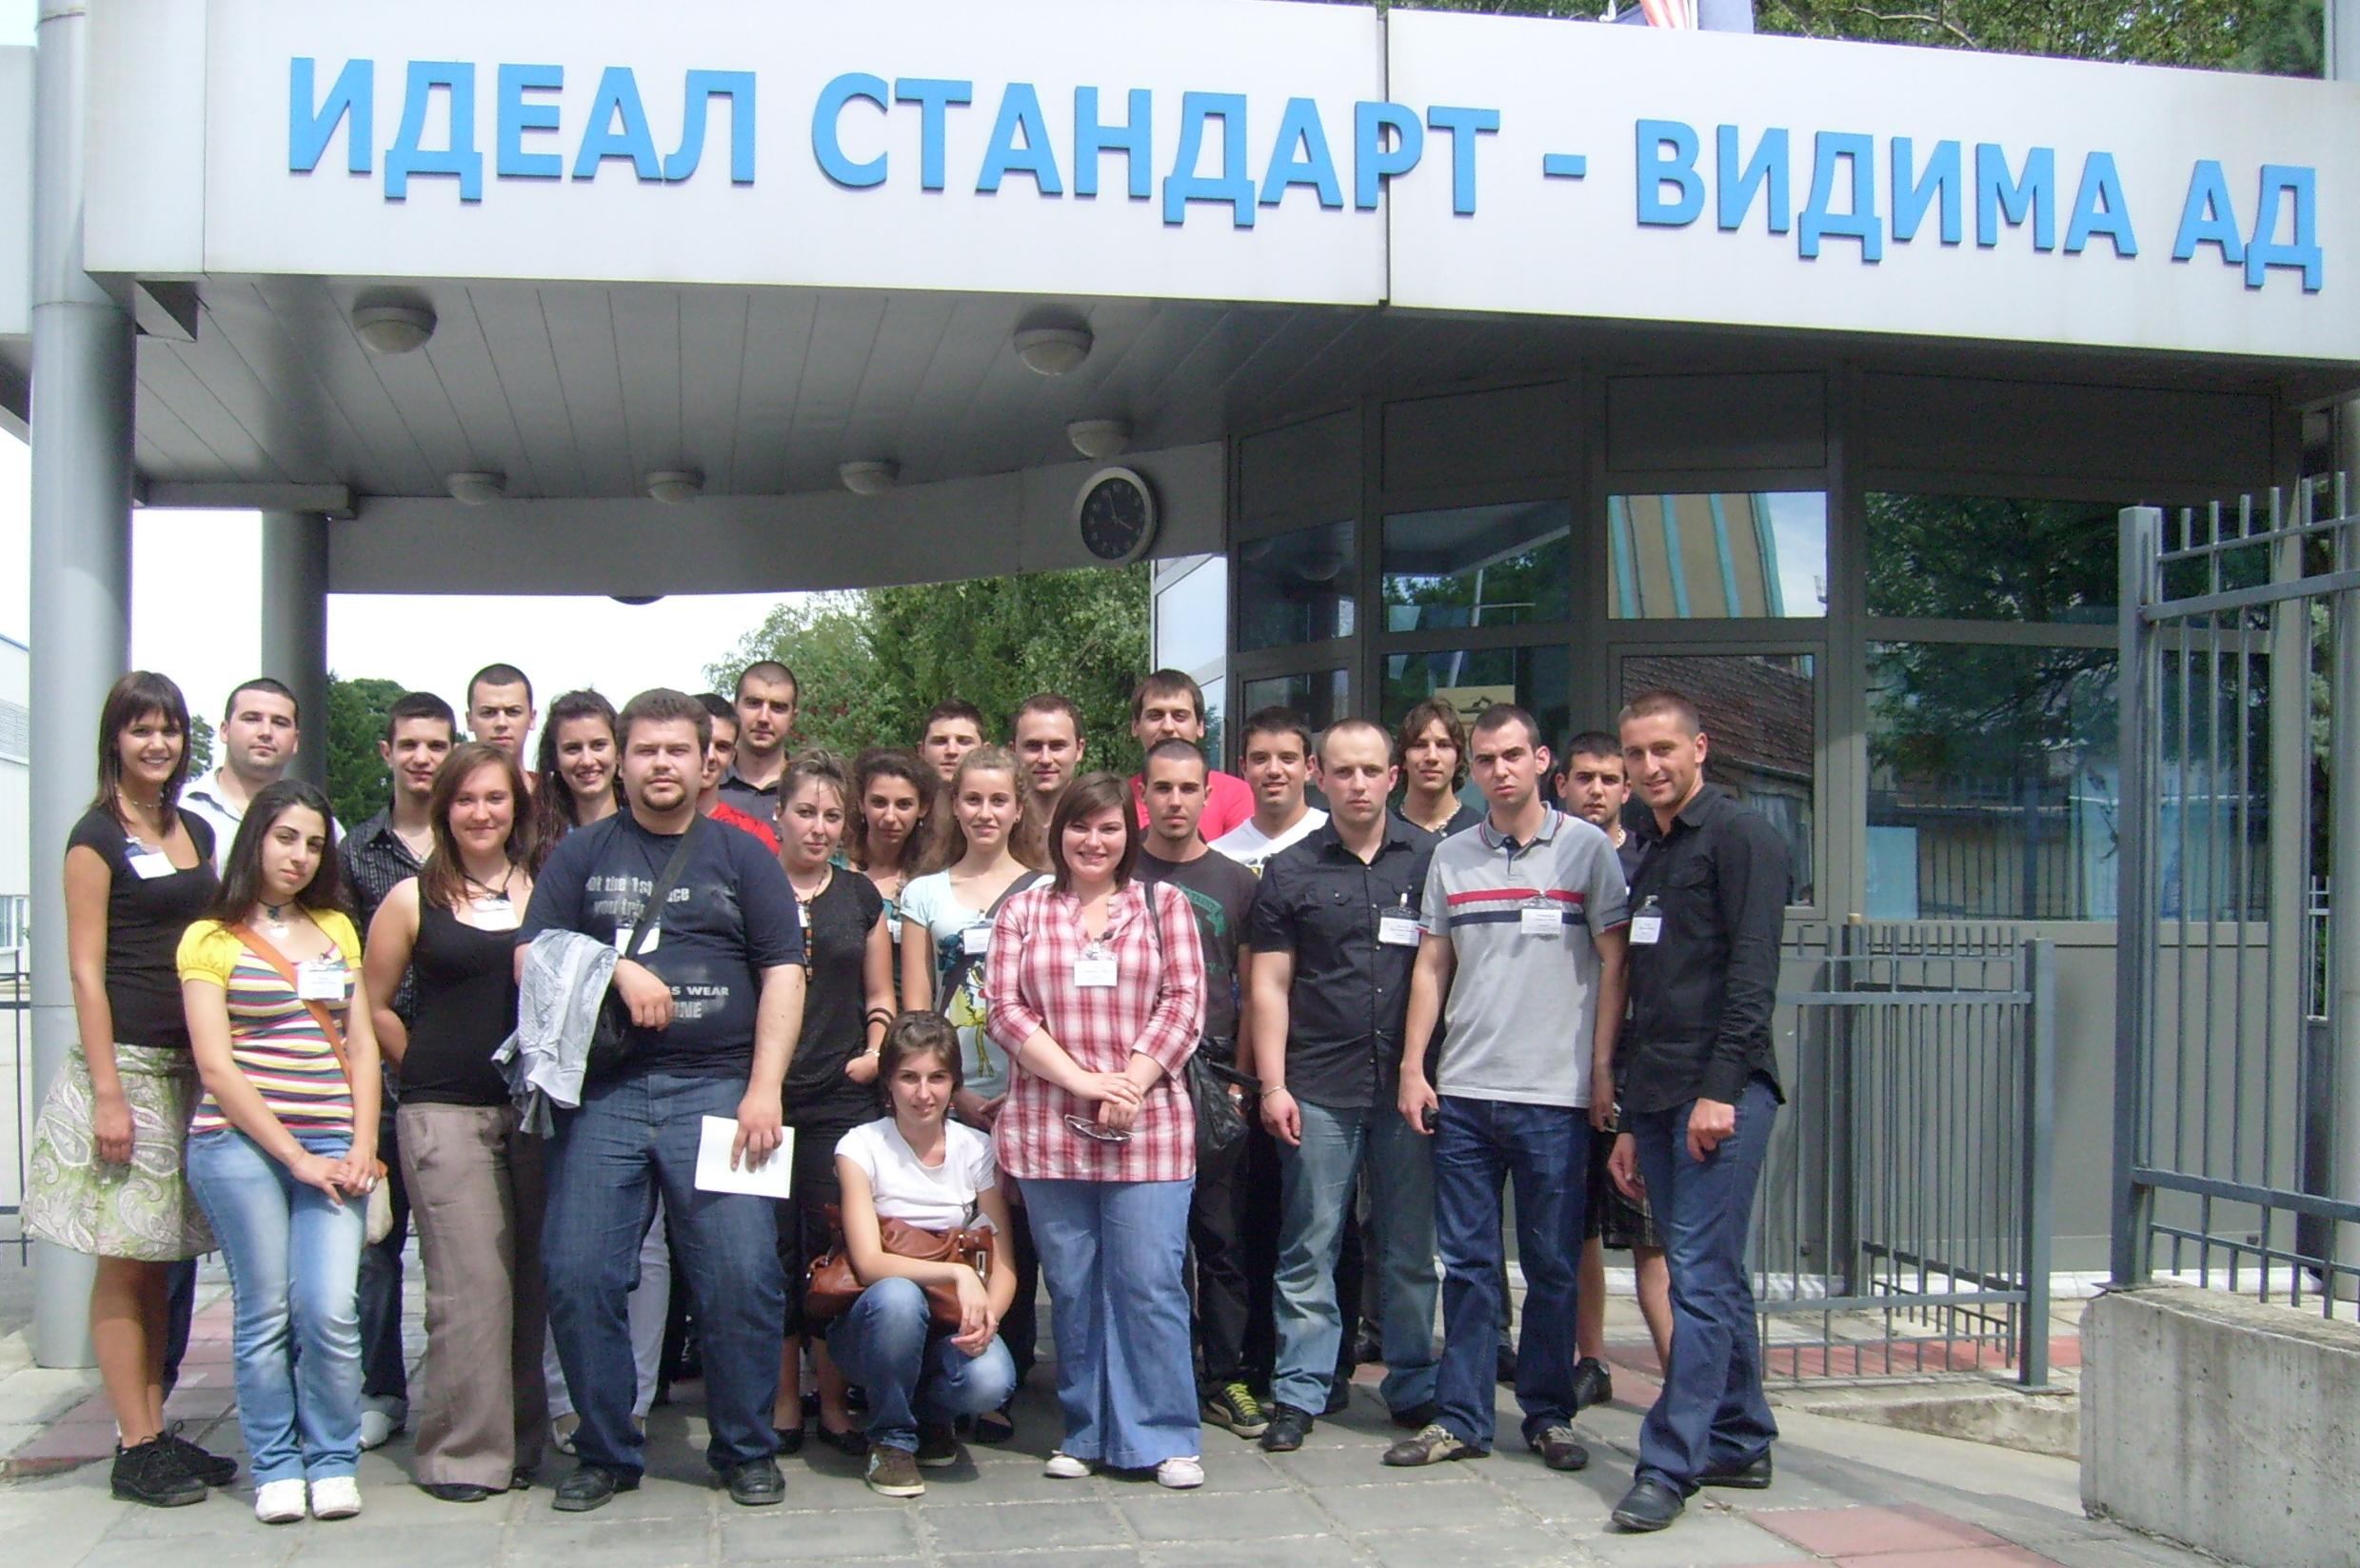 """Закриване на стажантска програма в """"Идеал Стандарт - Видима"""" АД"""